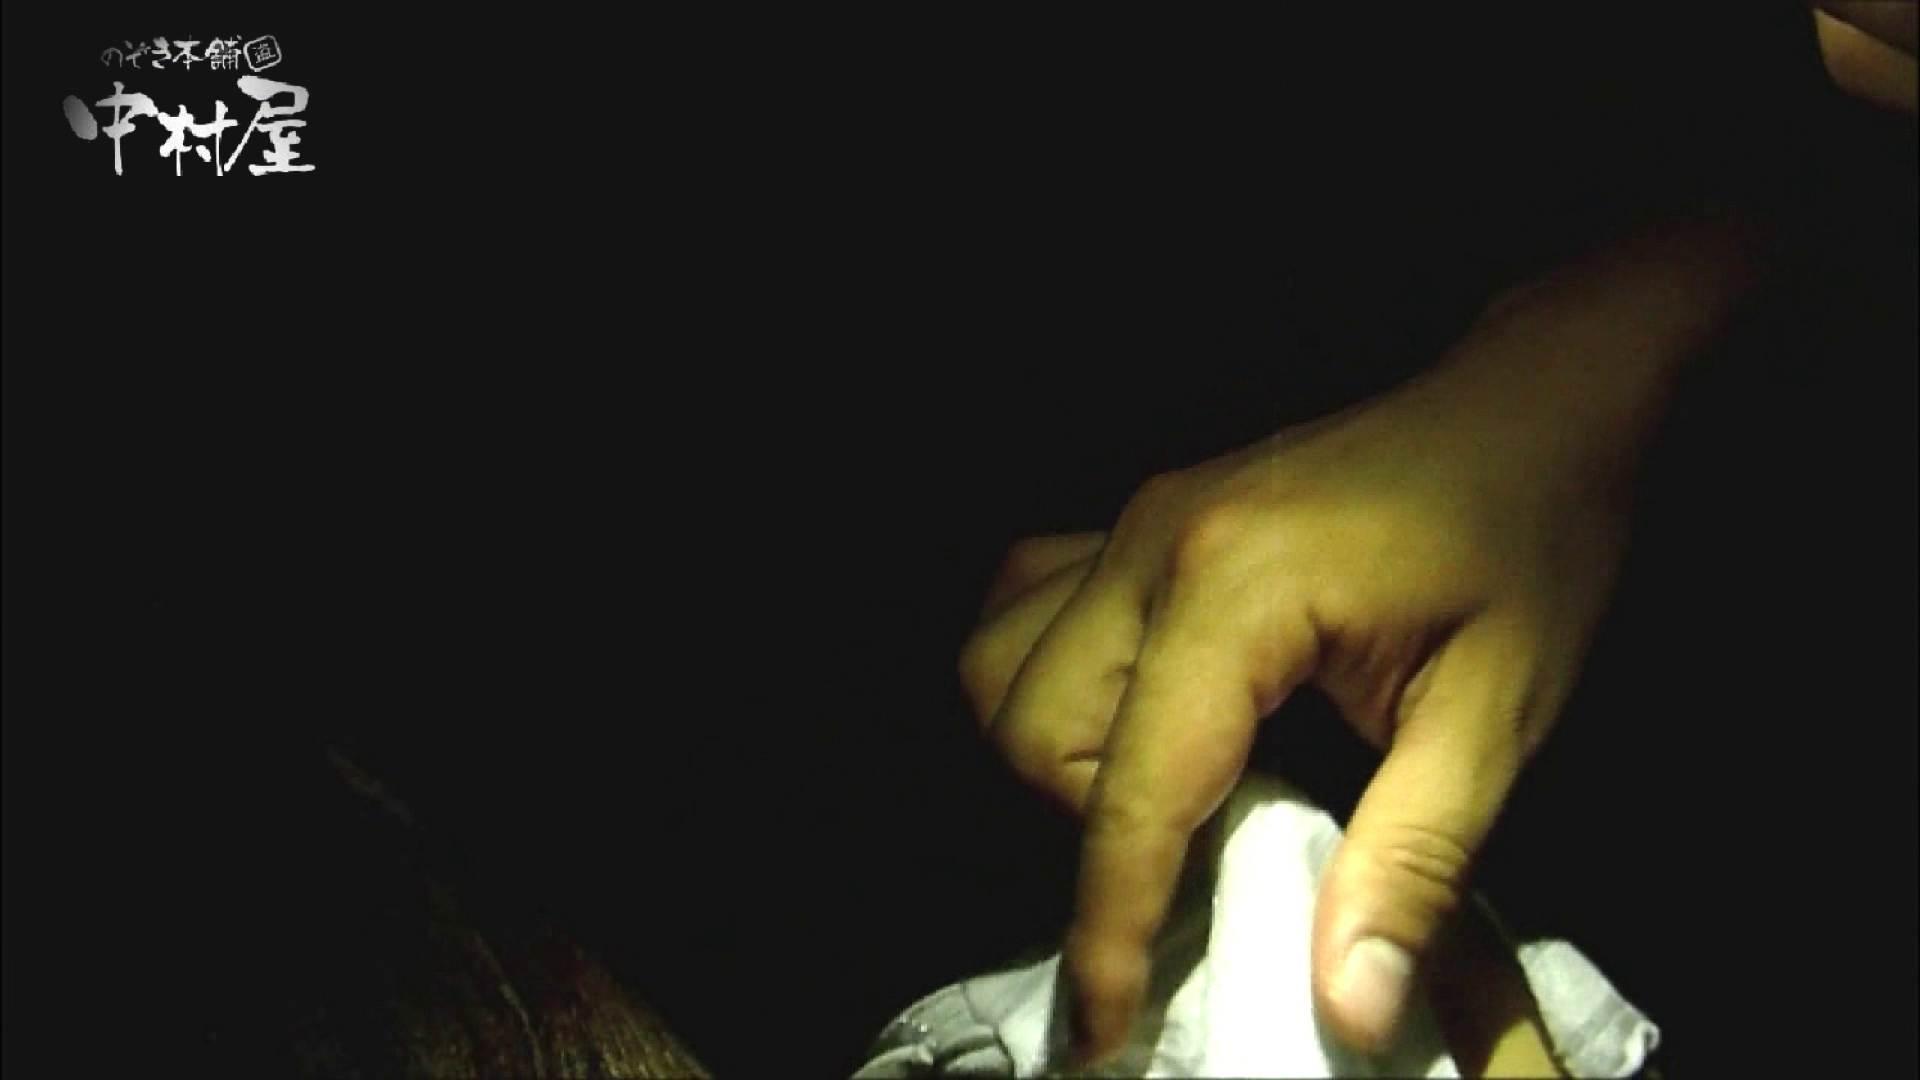 欲望 リアルドール Vol.01 Kちゃんショップ店員店員20歳 OLのエロ生活 性交動画流出 73連発 14